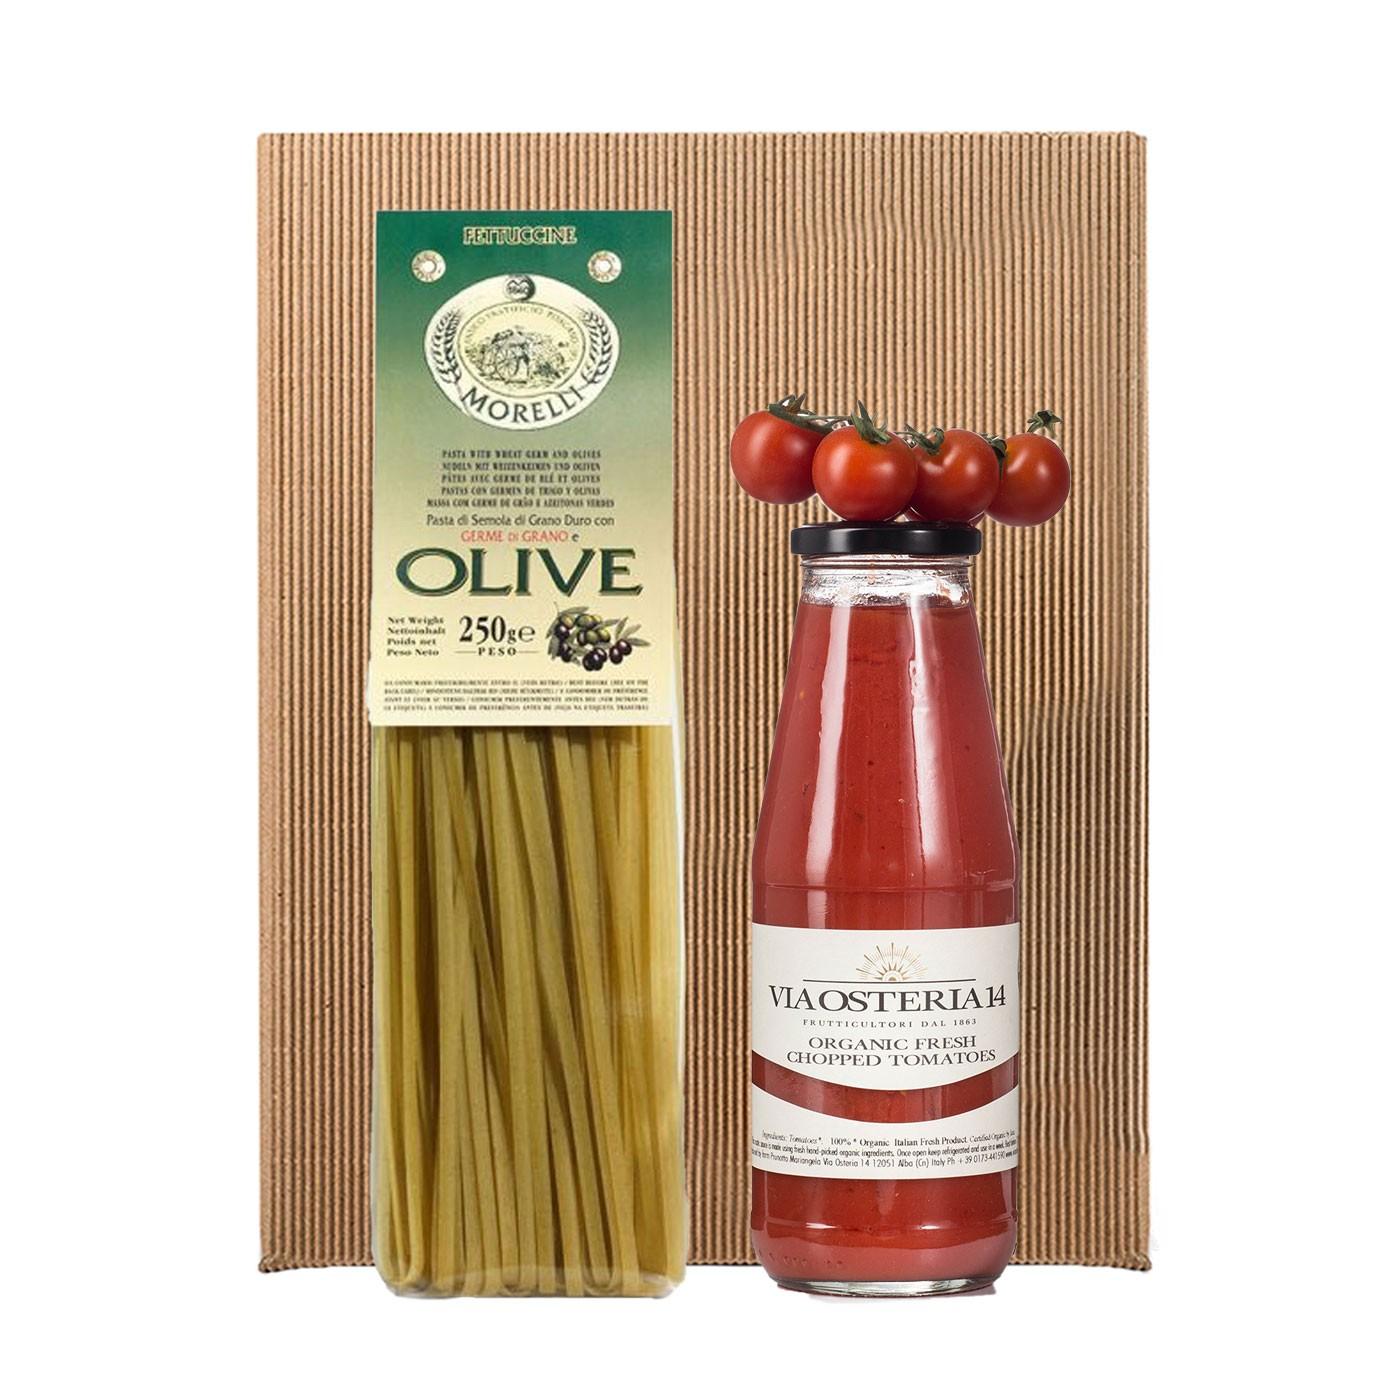 Olive and Spinach Fettuccine al Pomodoro